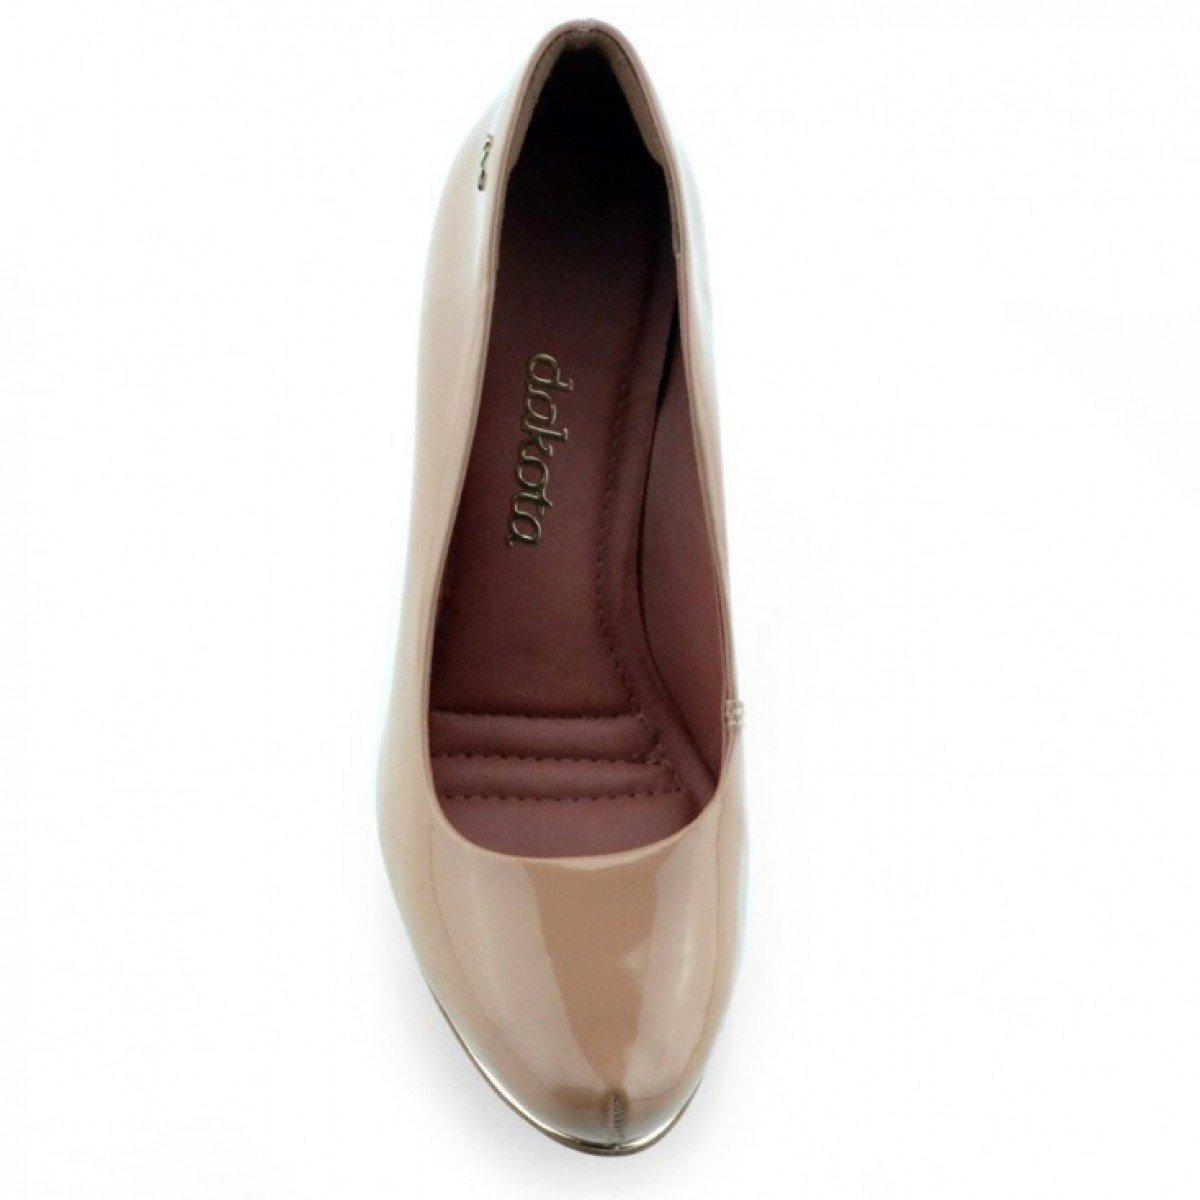 9de90c9a1c Sapato Feminino Dakota Verniz Fontana Pele - Compre Agora